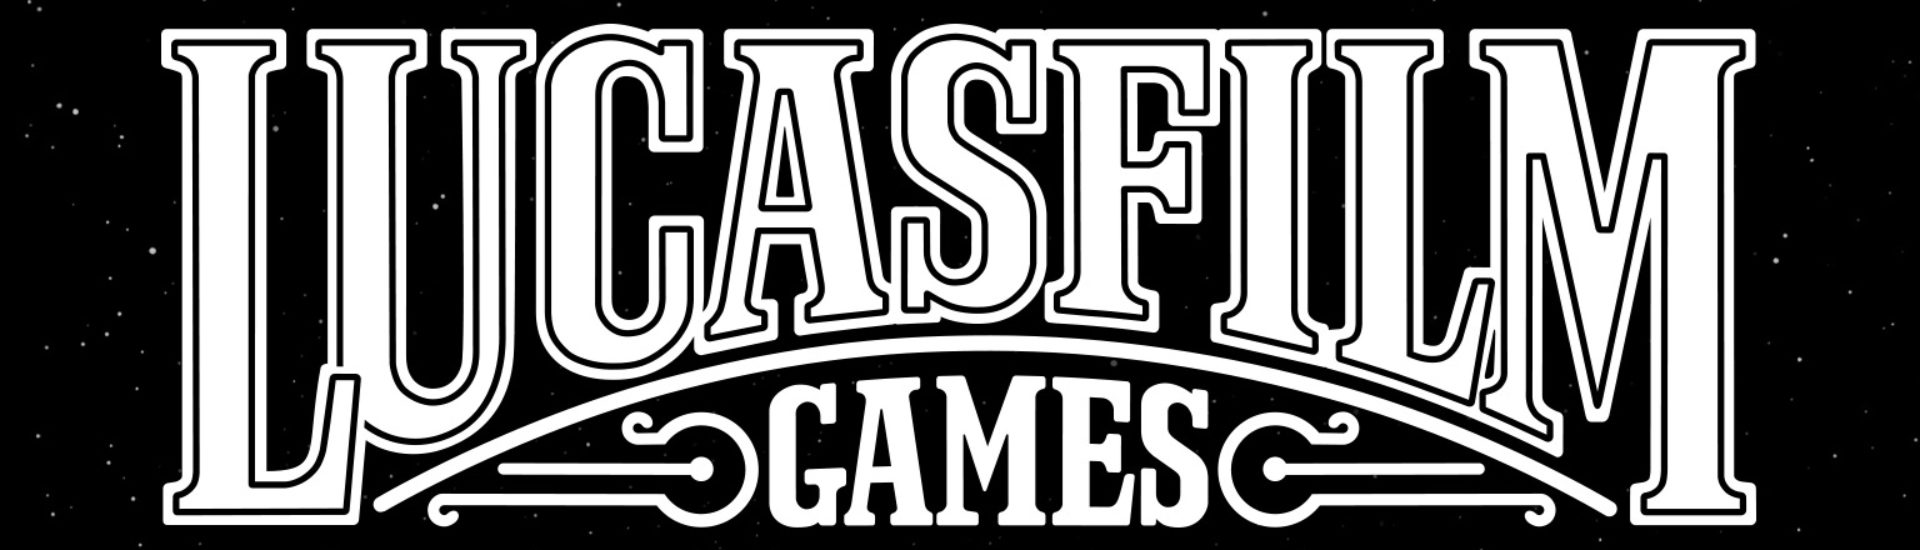 Lucasfilm Games: Ein legendäres Spiele-Label kehrt zurück